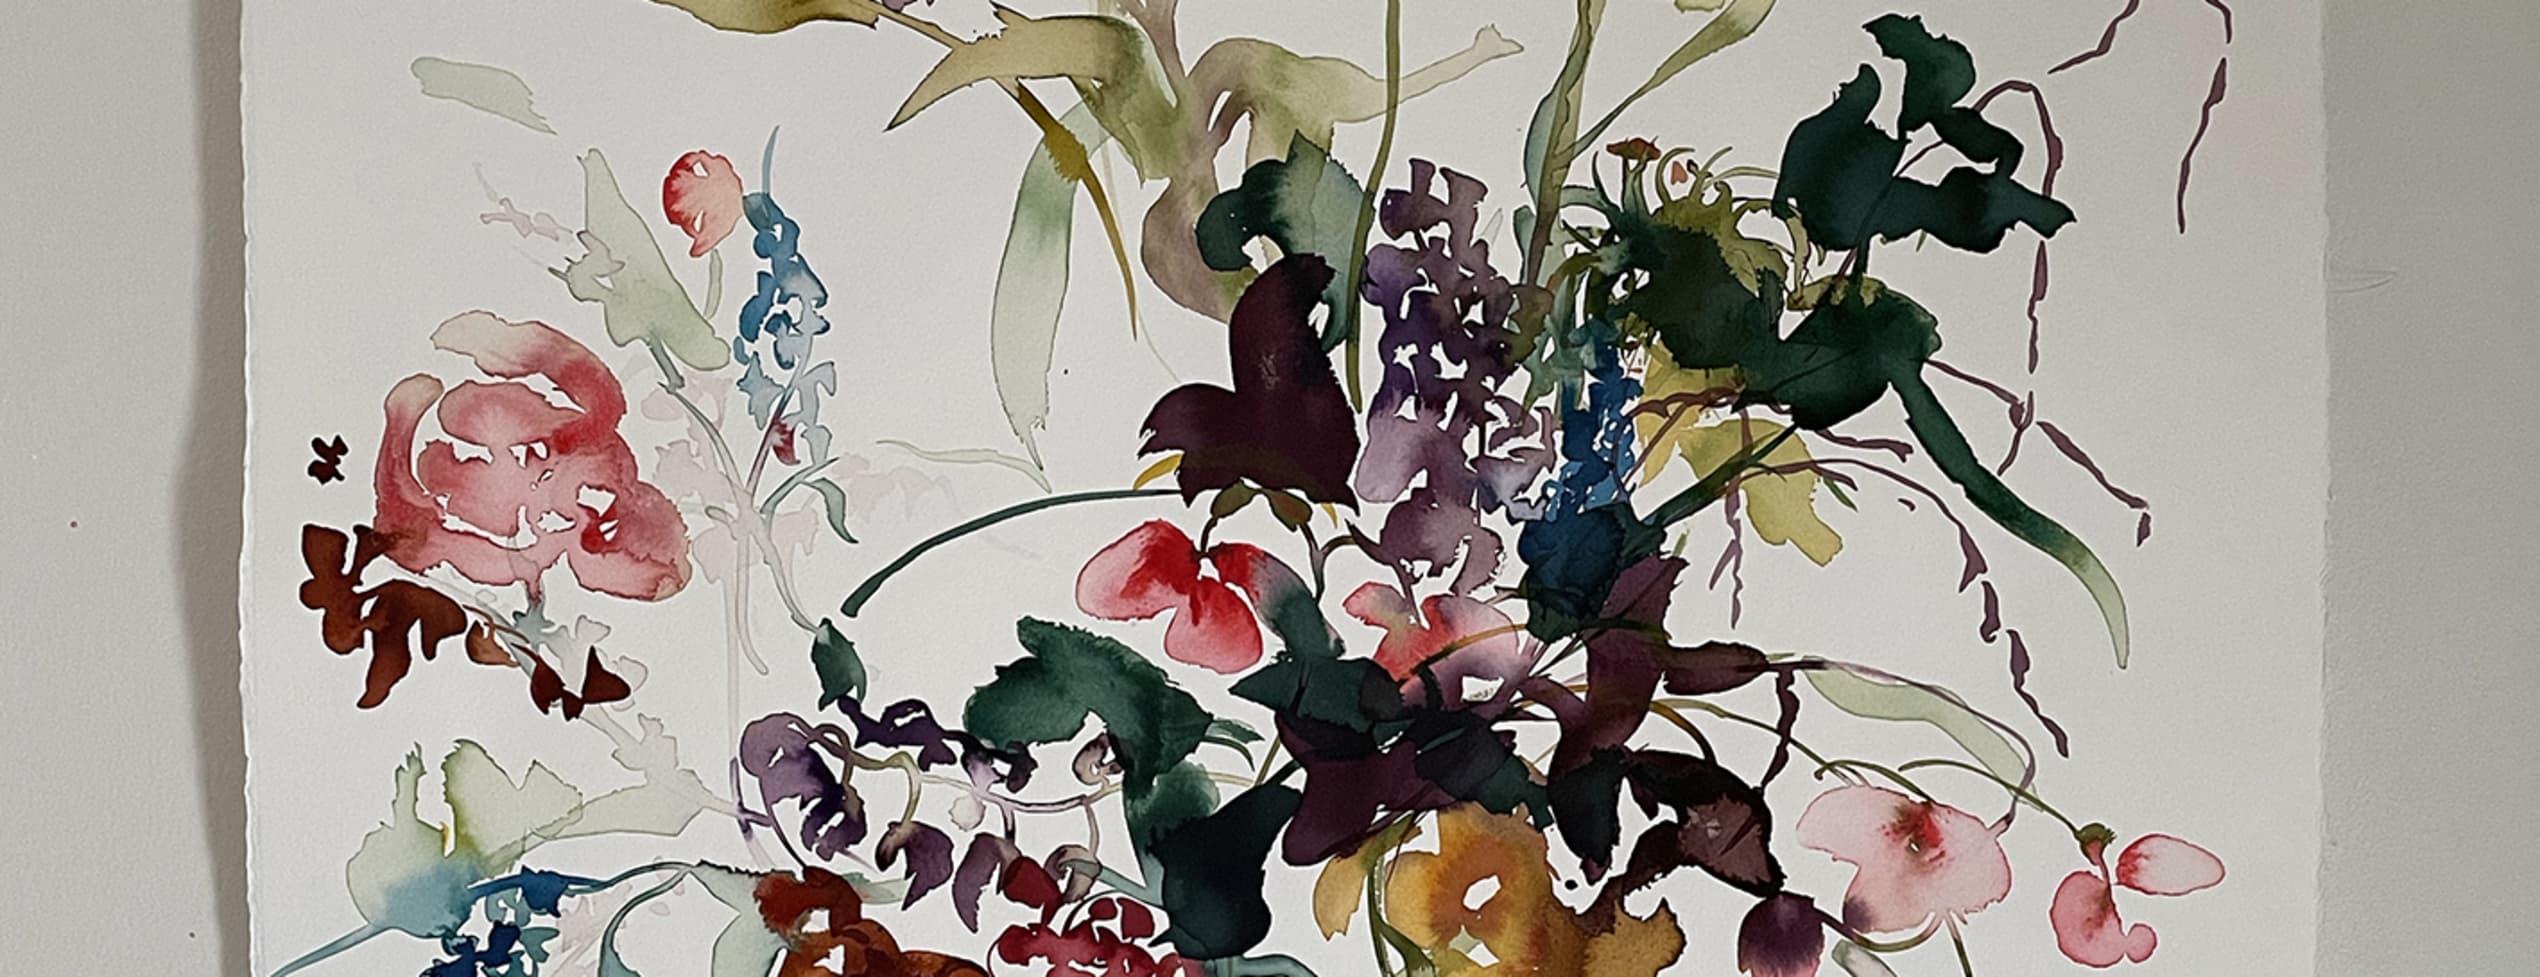 Blommor i tusch - halvdag